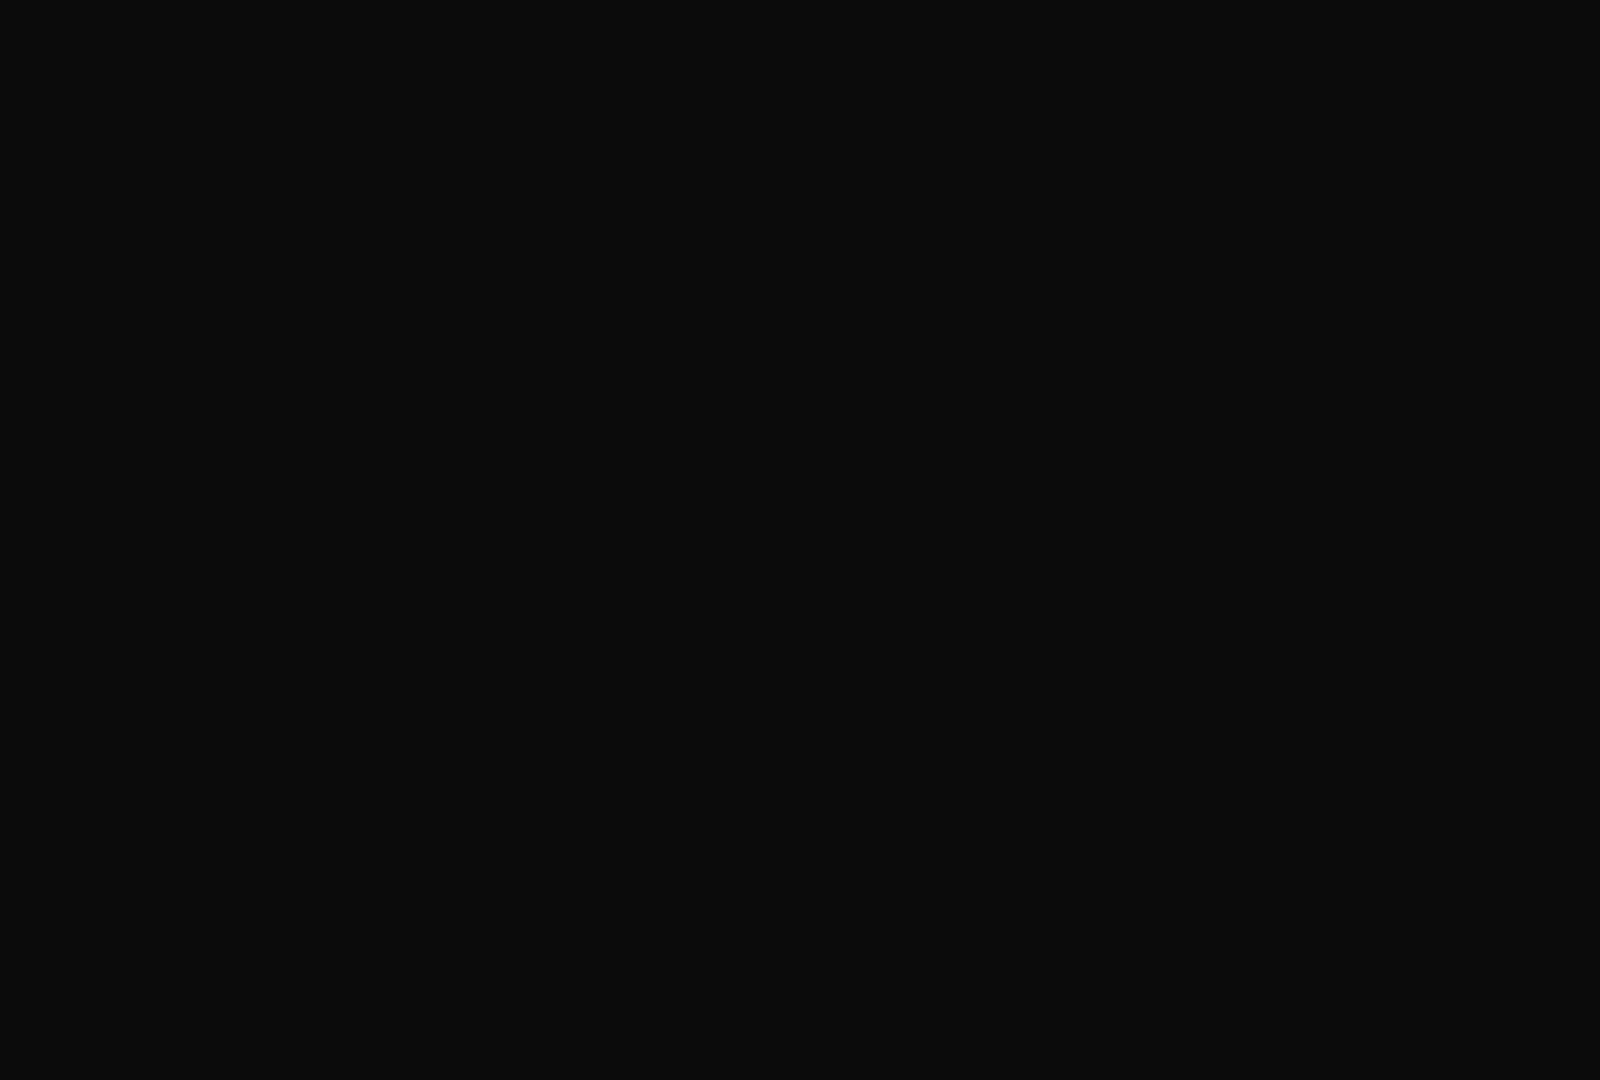 充血監督の深夜の運動会Vol.93 カップル  101枚 88